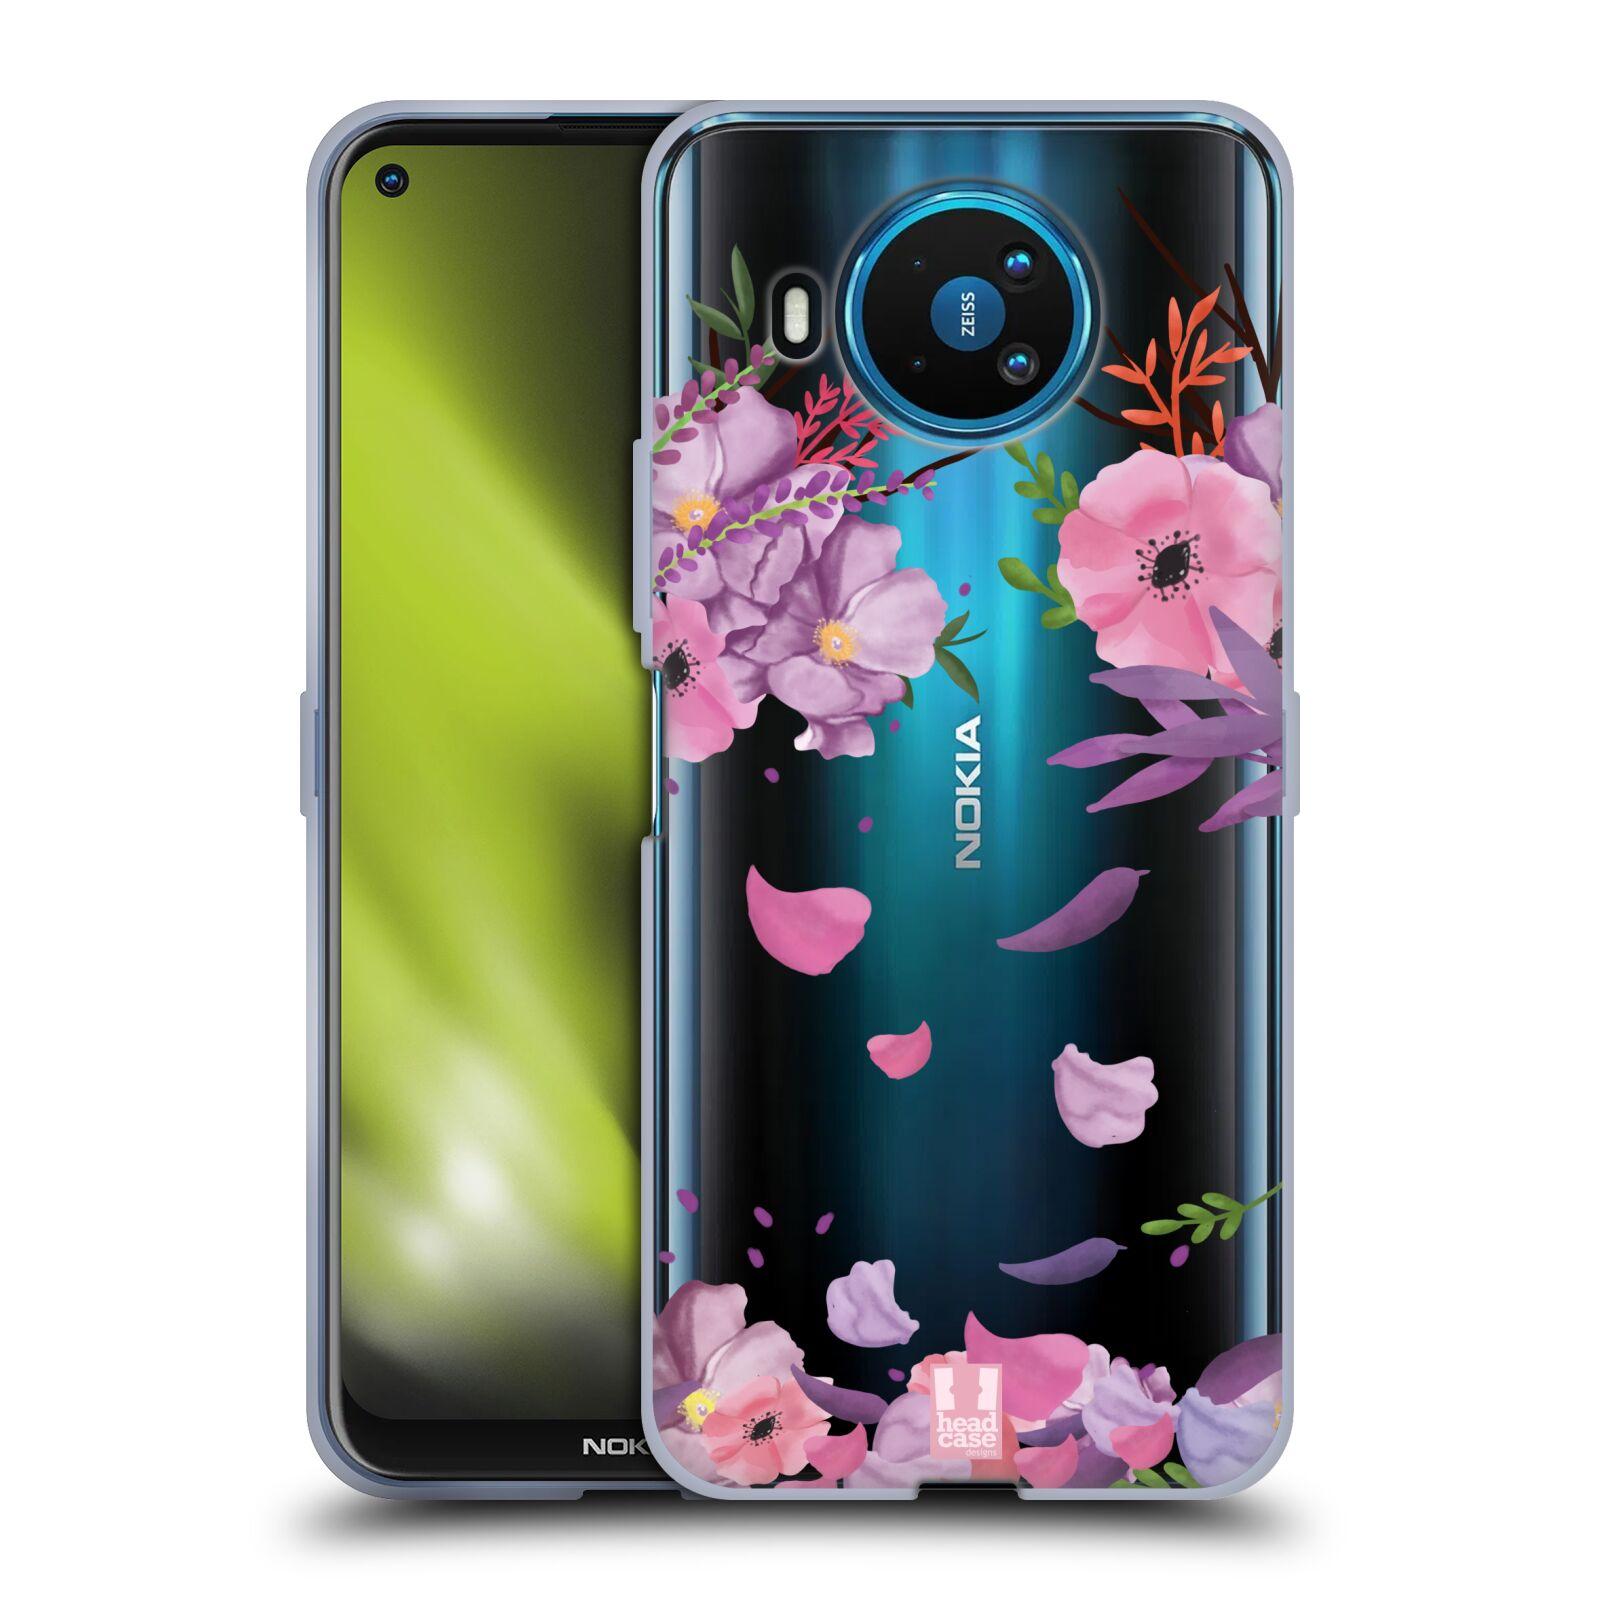 Silikonové pouzdro na mobil Nokia 8.3 5G - Head Case - Okvětní lístky